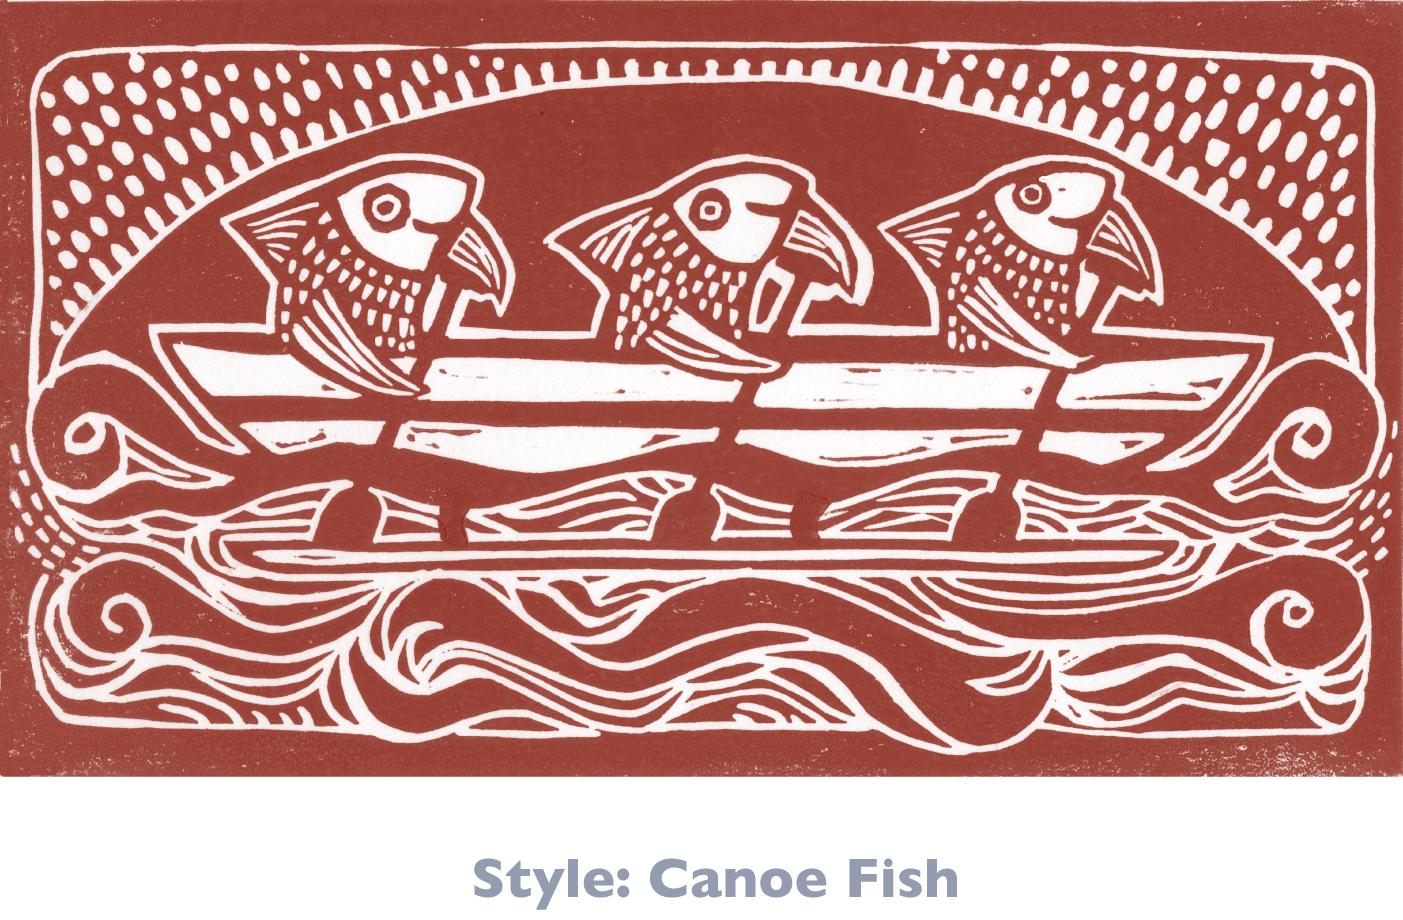 Canoe Fish_LF.jpg